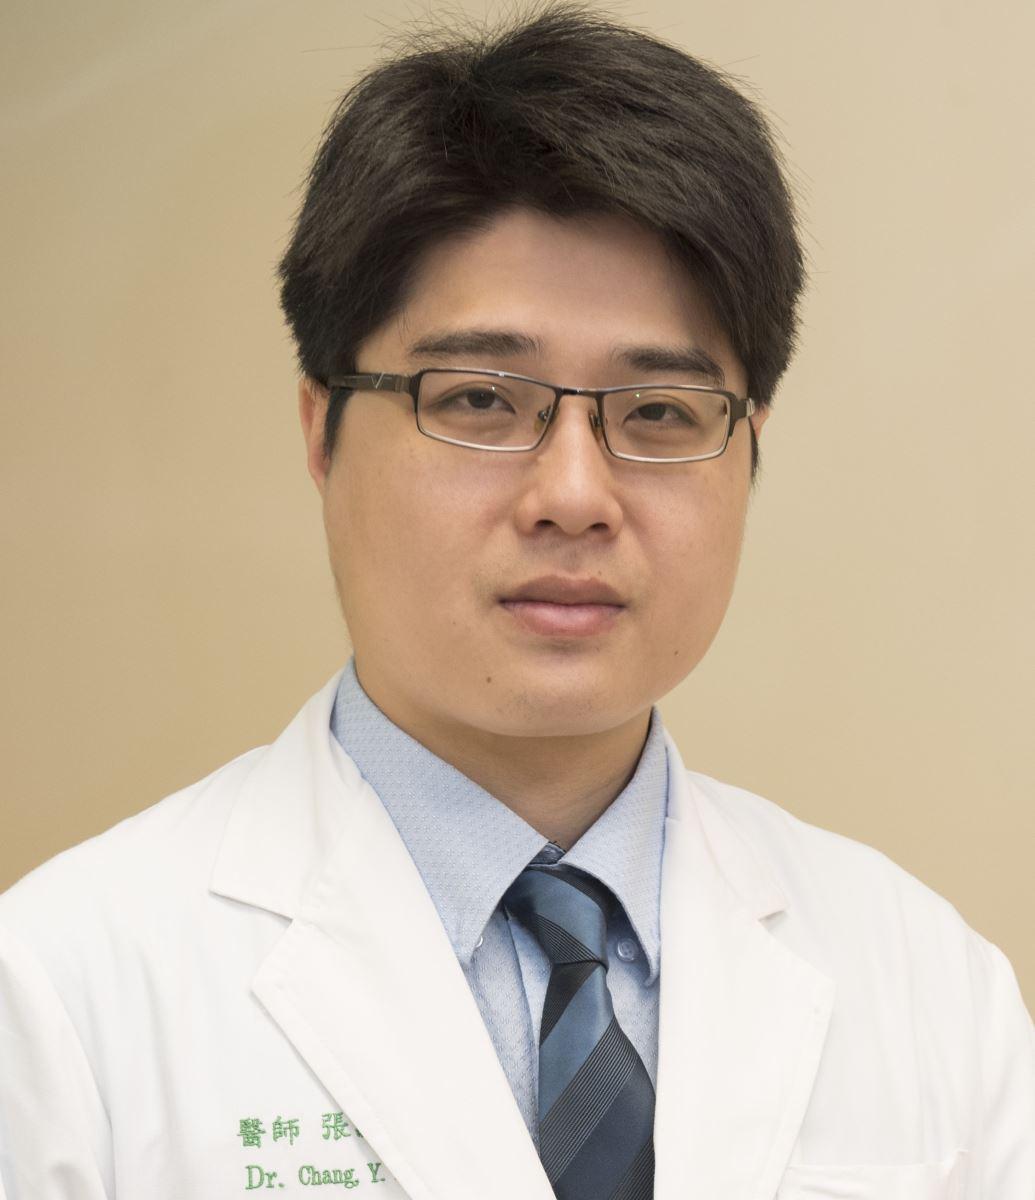 張議徽醫師